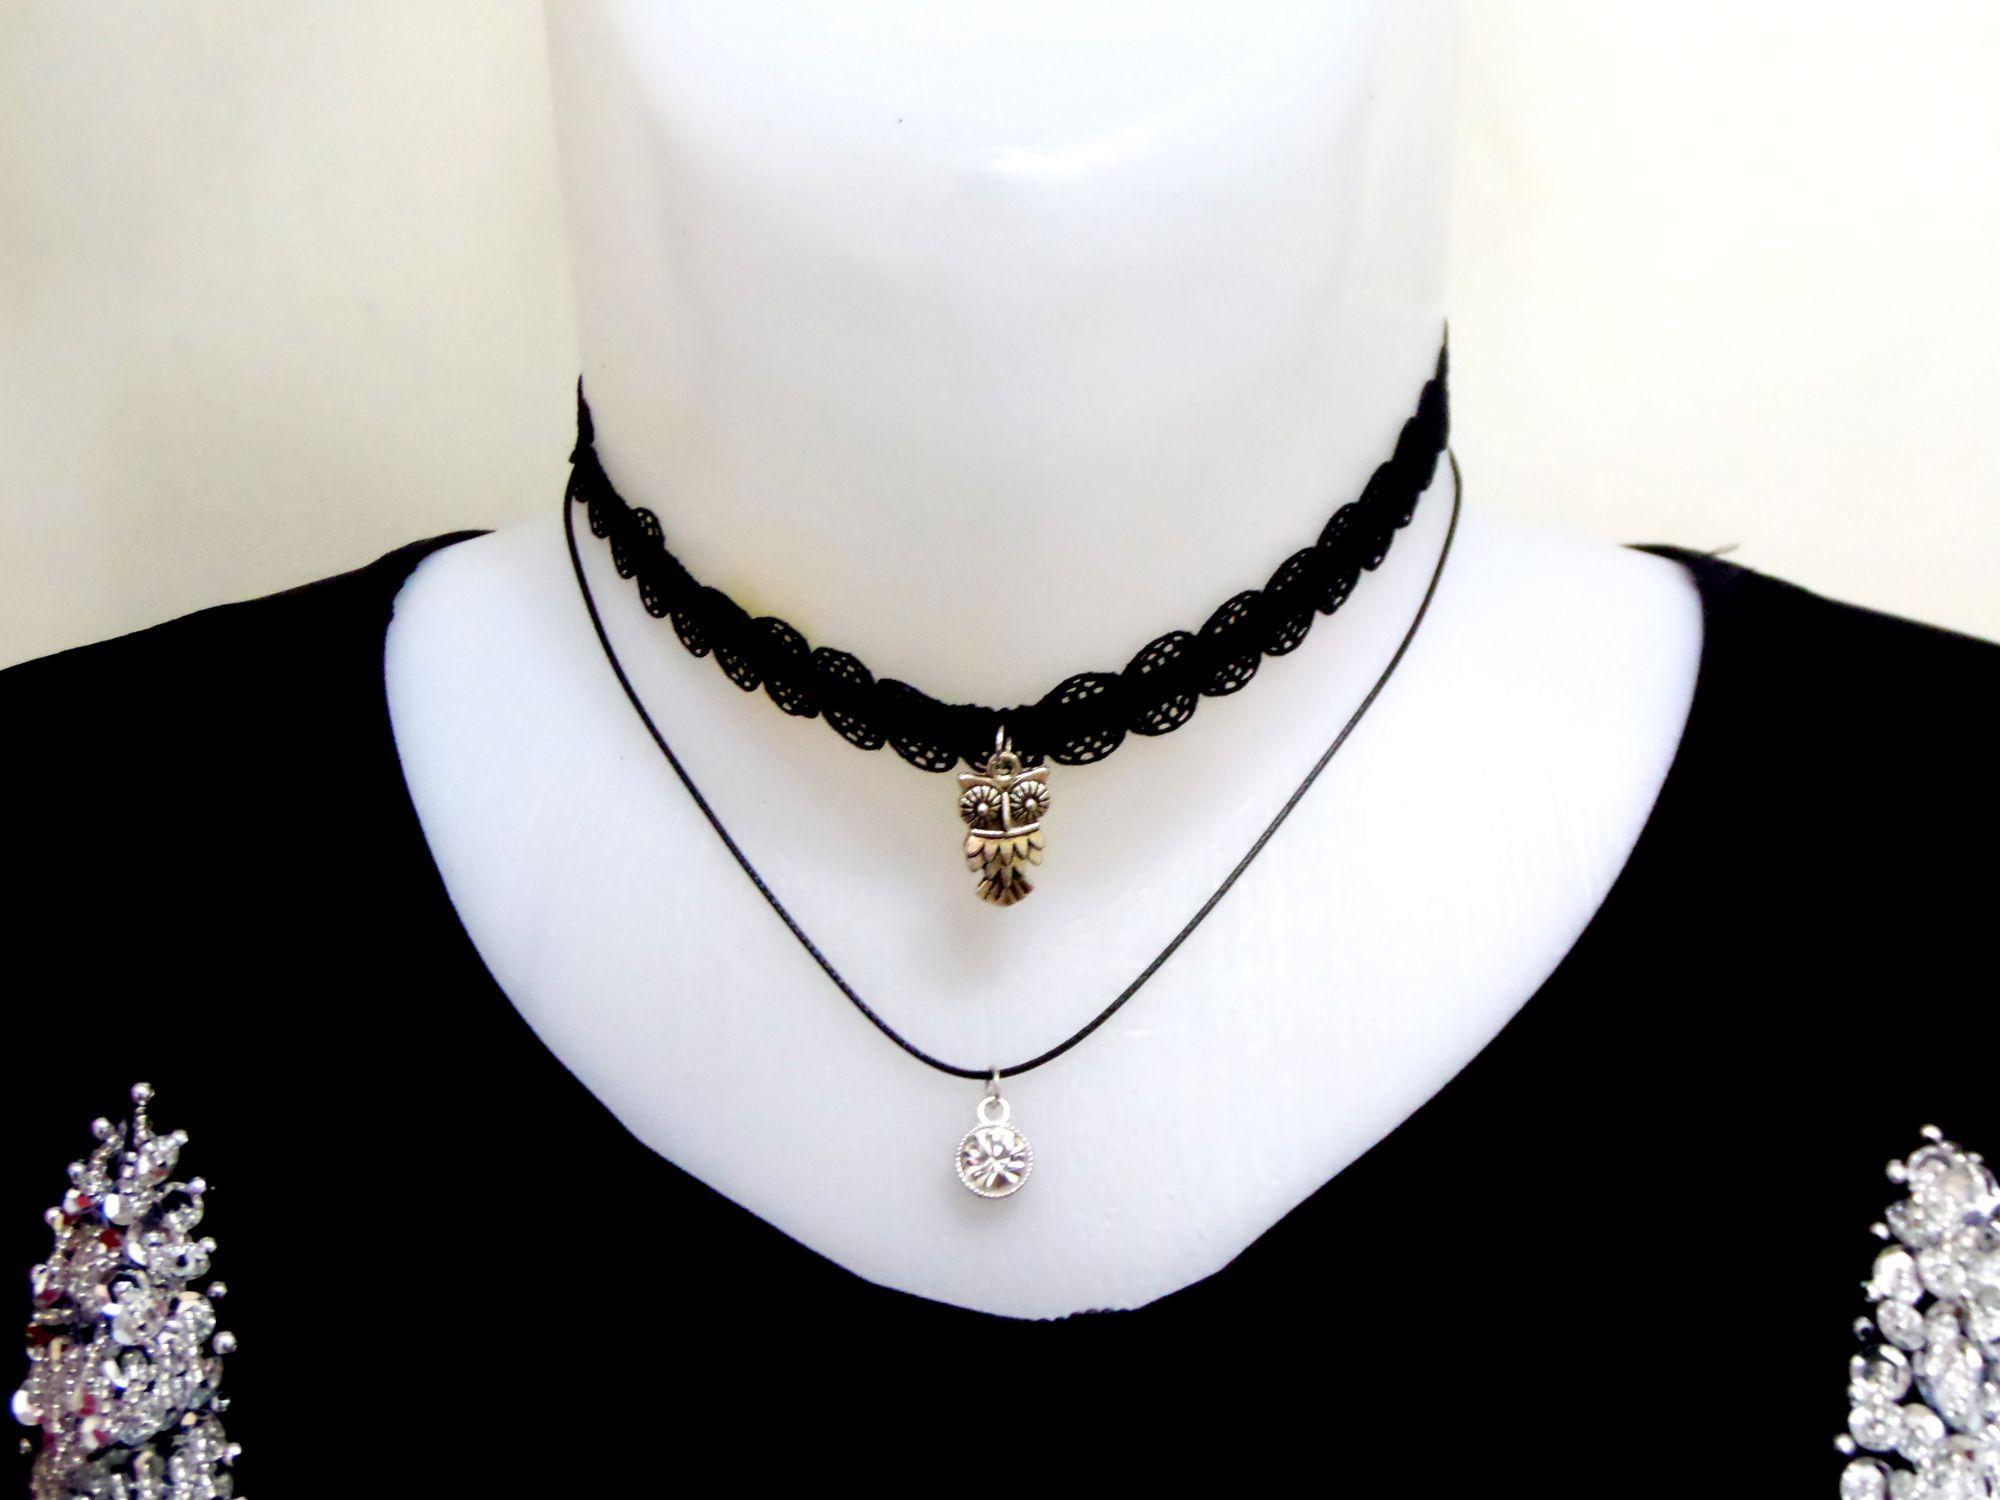 گردنبند چوکر دولاینه گیپوری با نگین کریستالی سفید و مهره جغد pr-d101